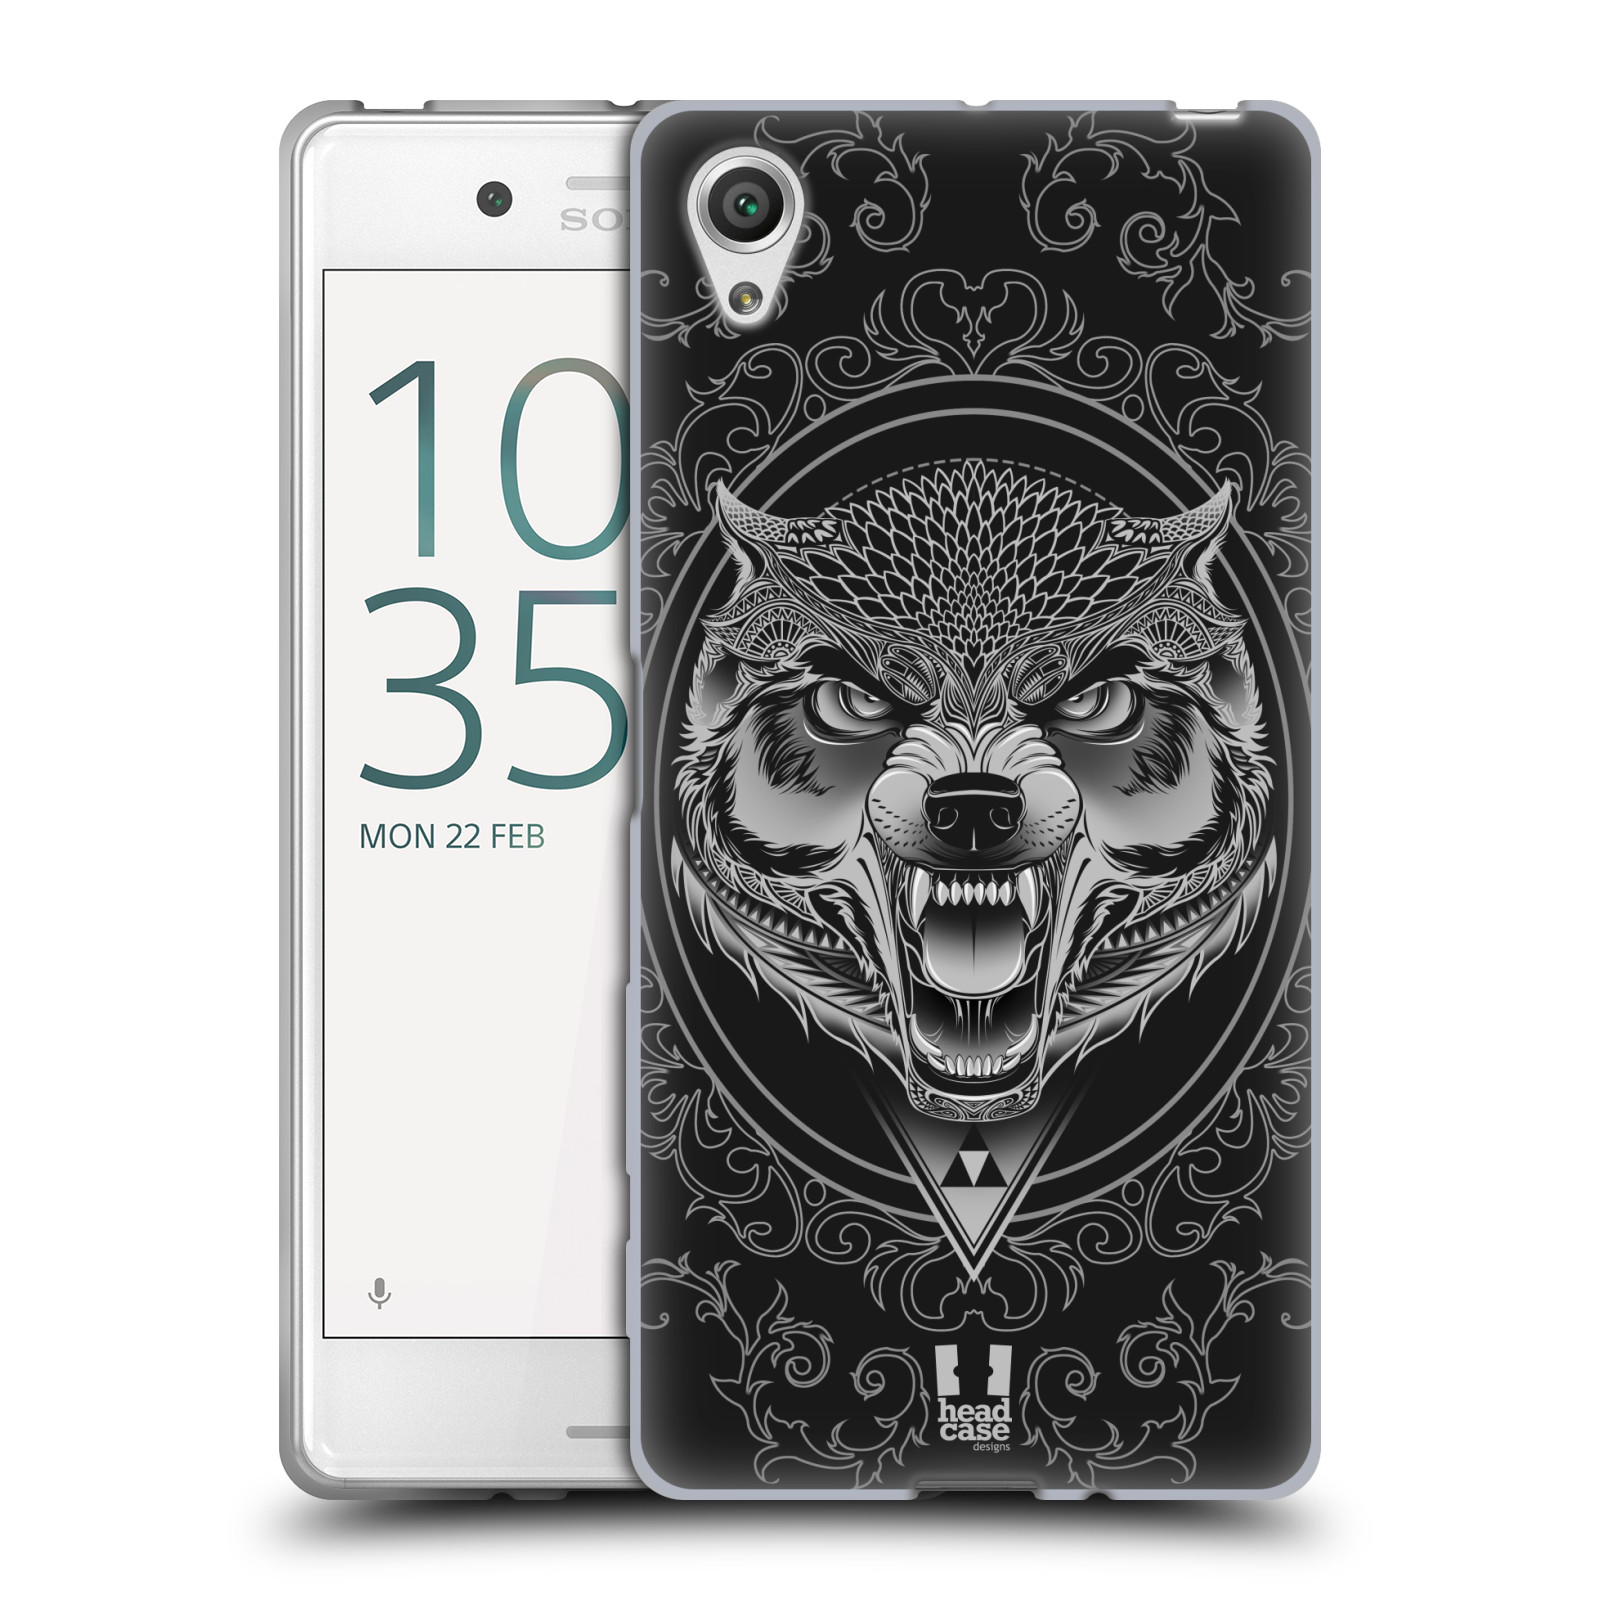 Silikonové pouzdro na mobil Sony Xperia X - Head Case - Krutý vlk